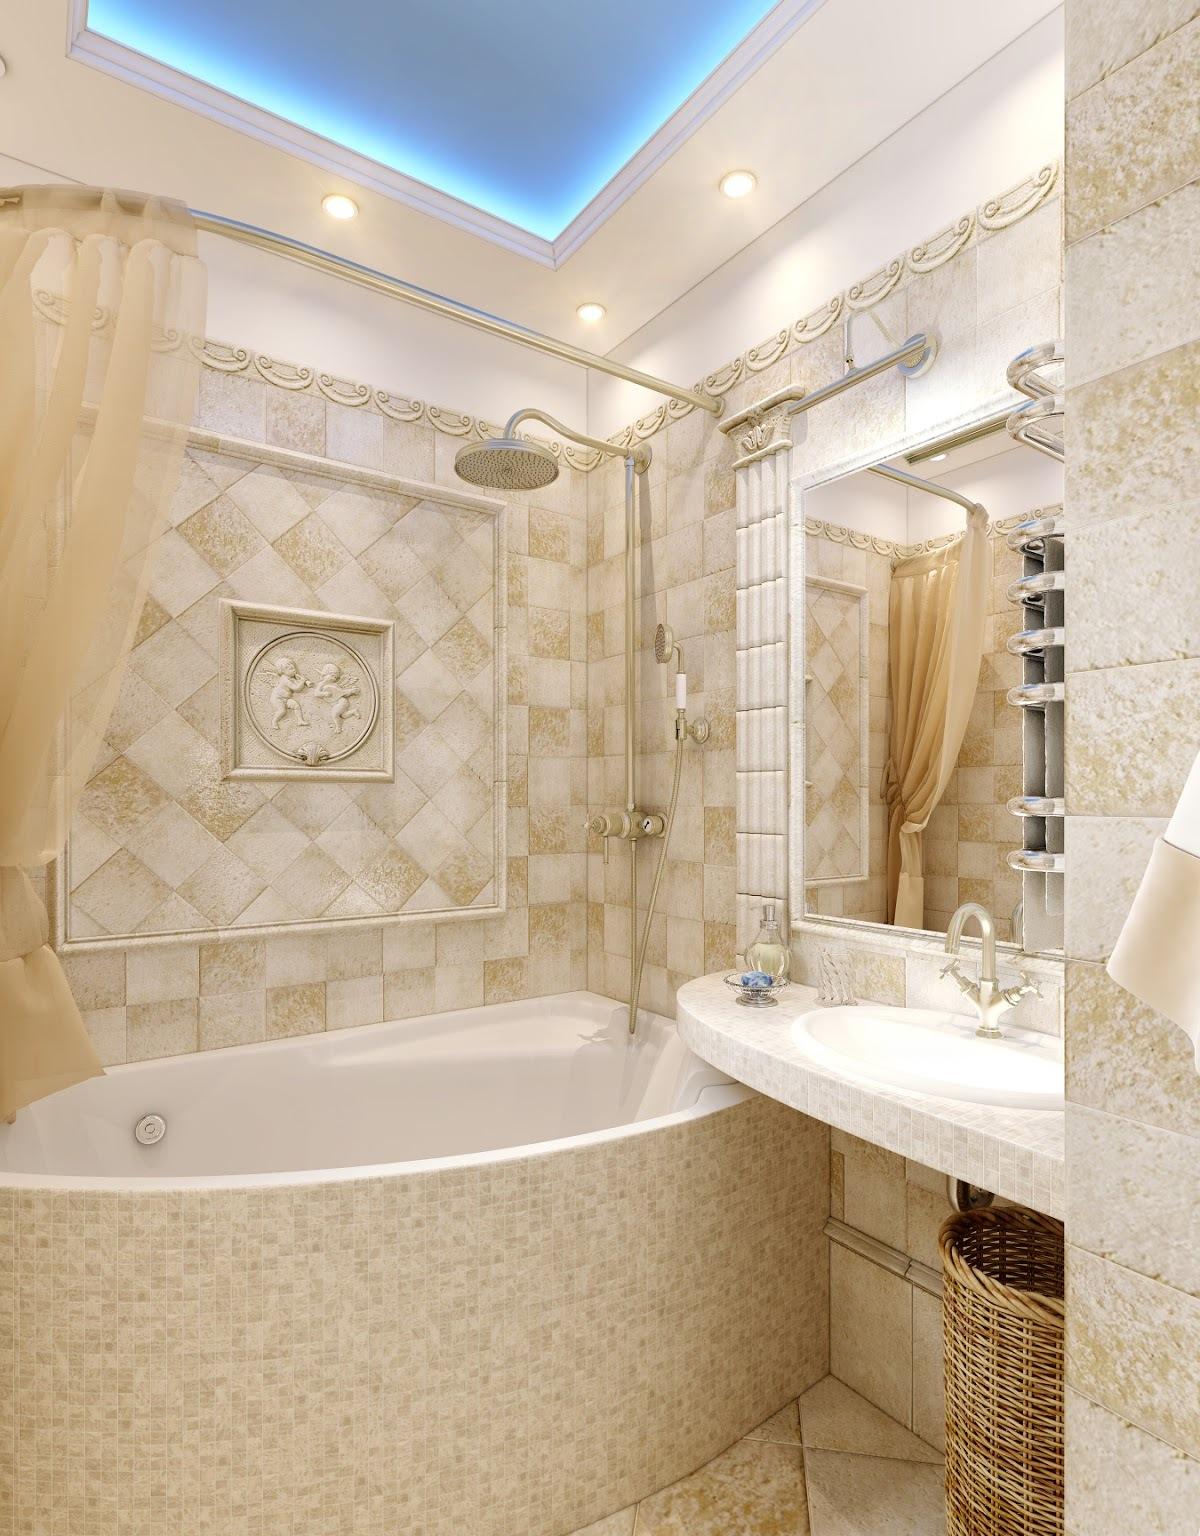 Дизайн ванной комнаты в бежевых тонах фото